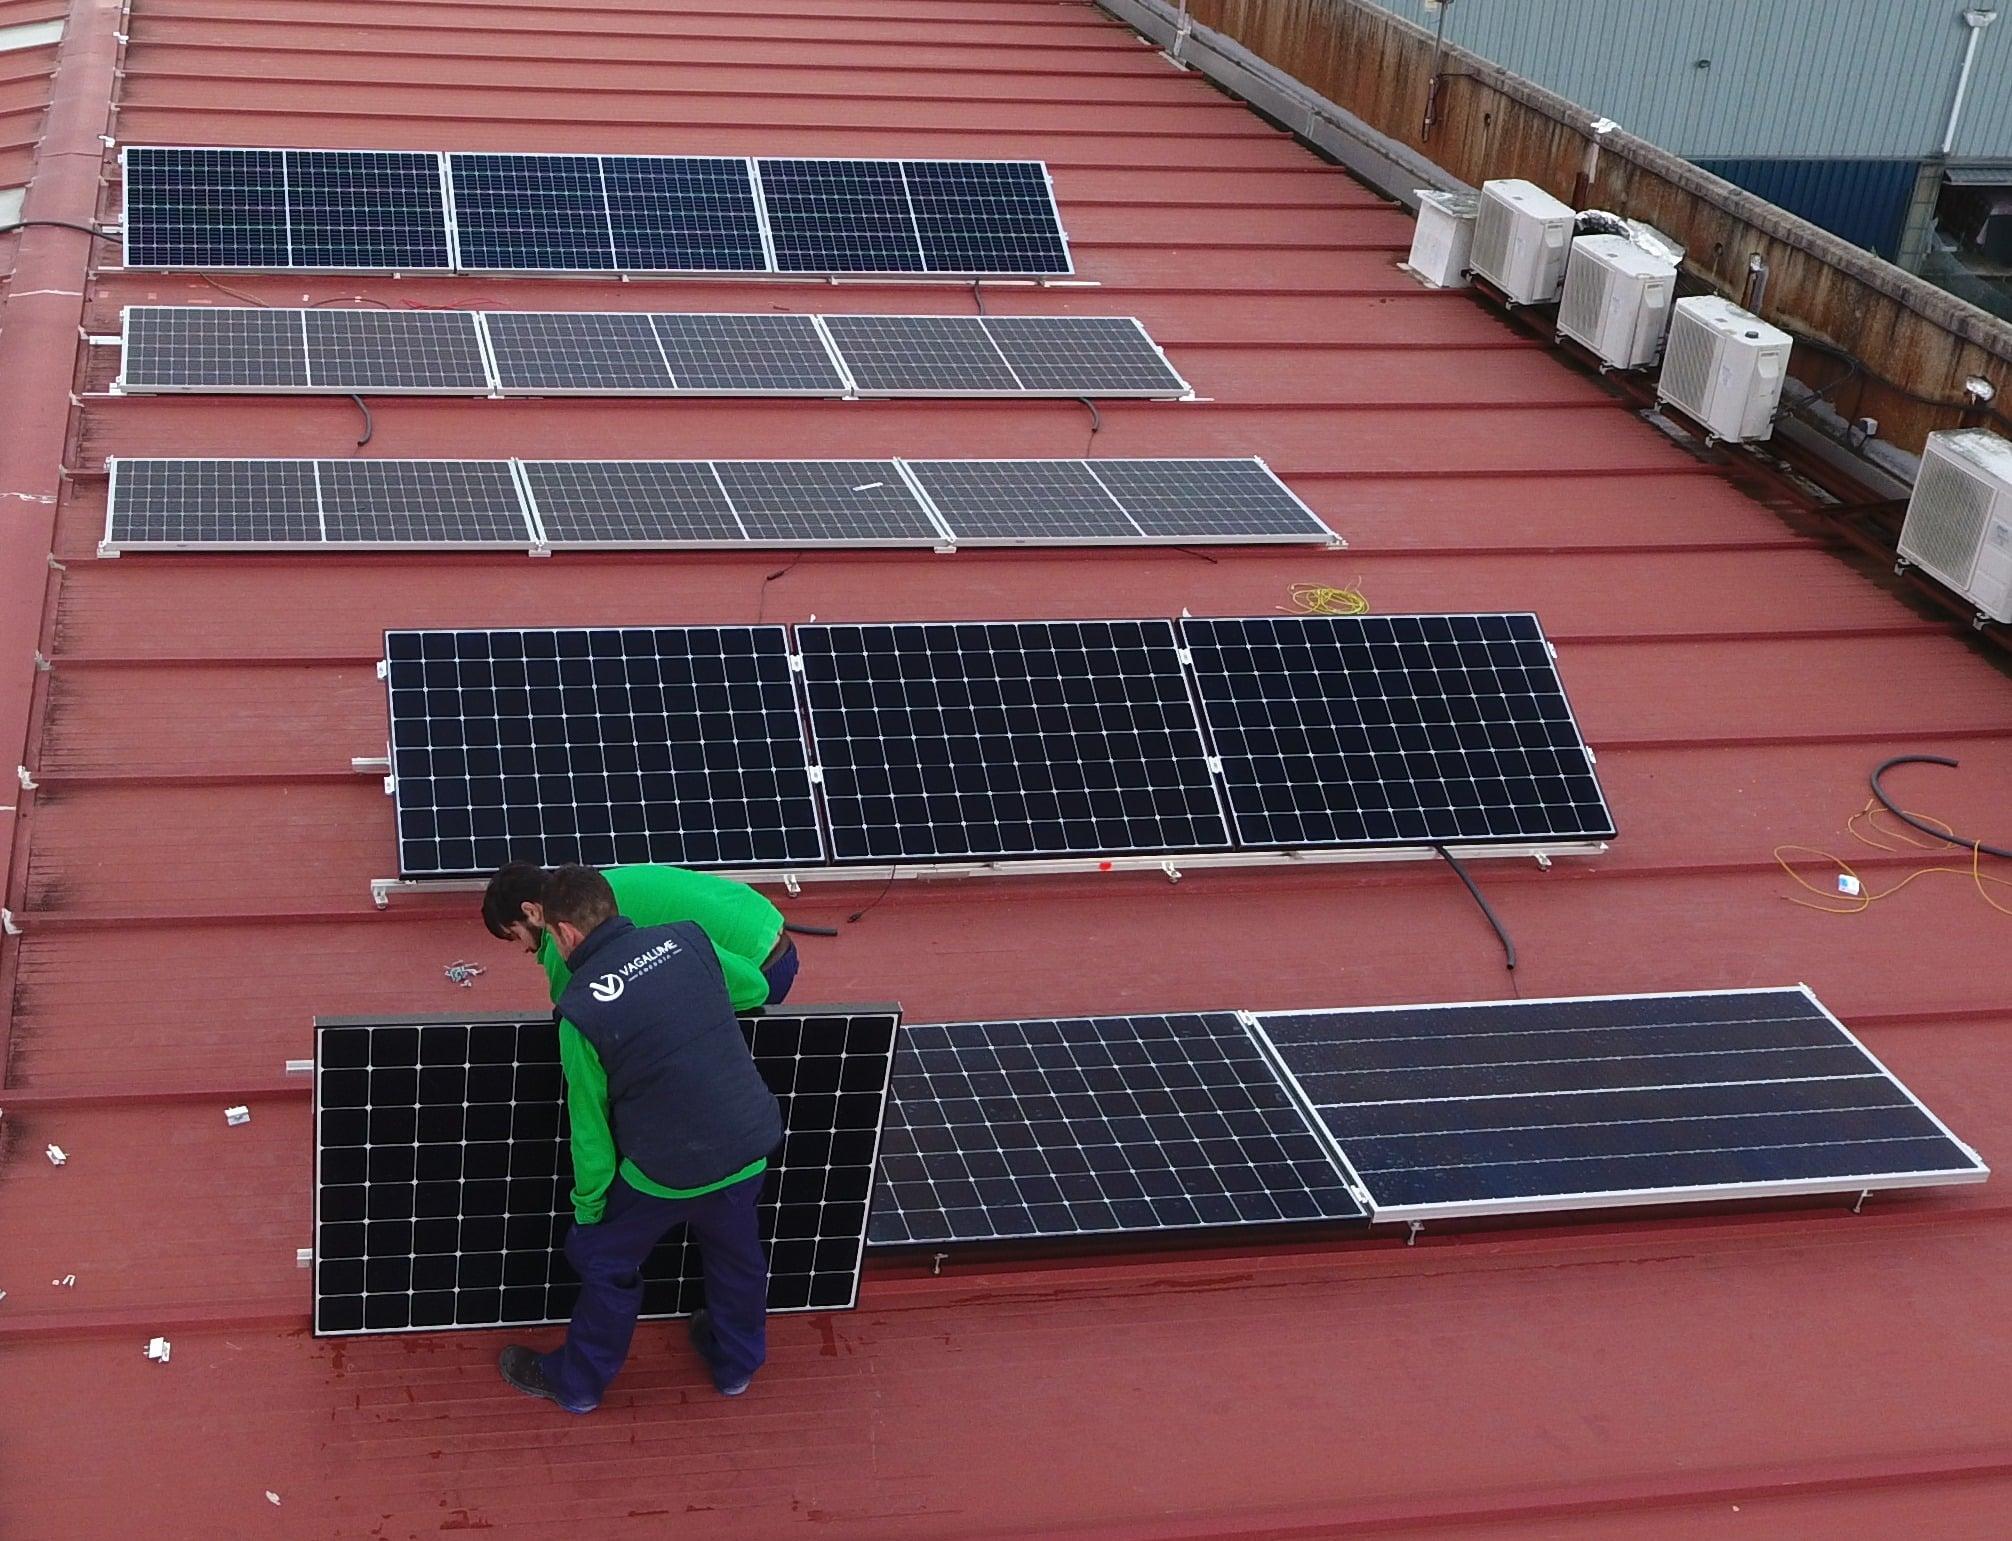 Autonsumo fotovoltaico empresas